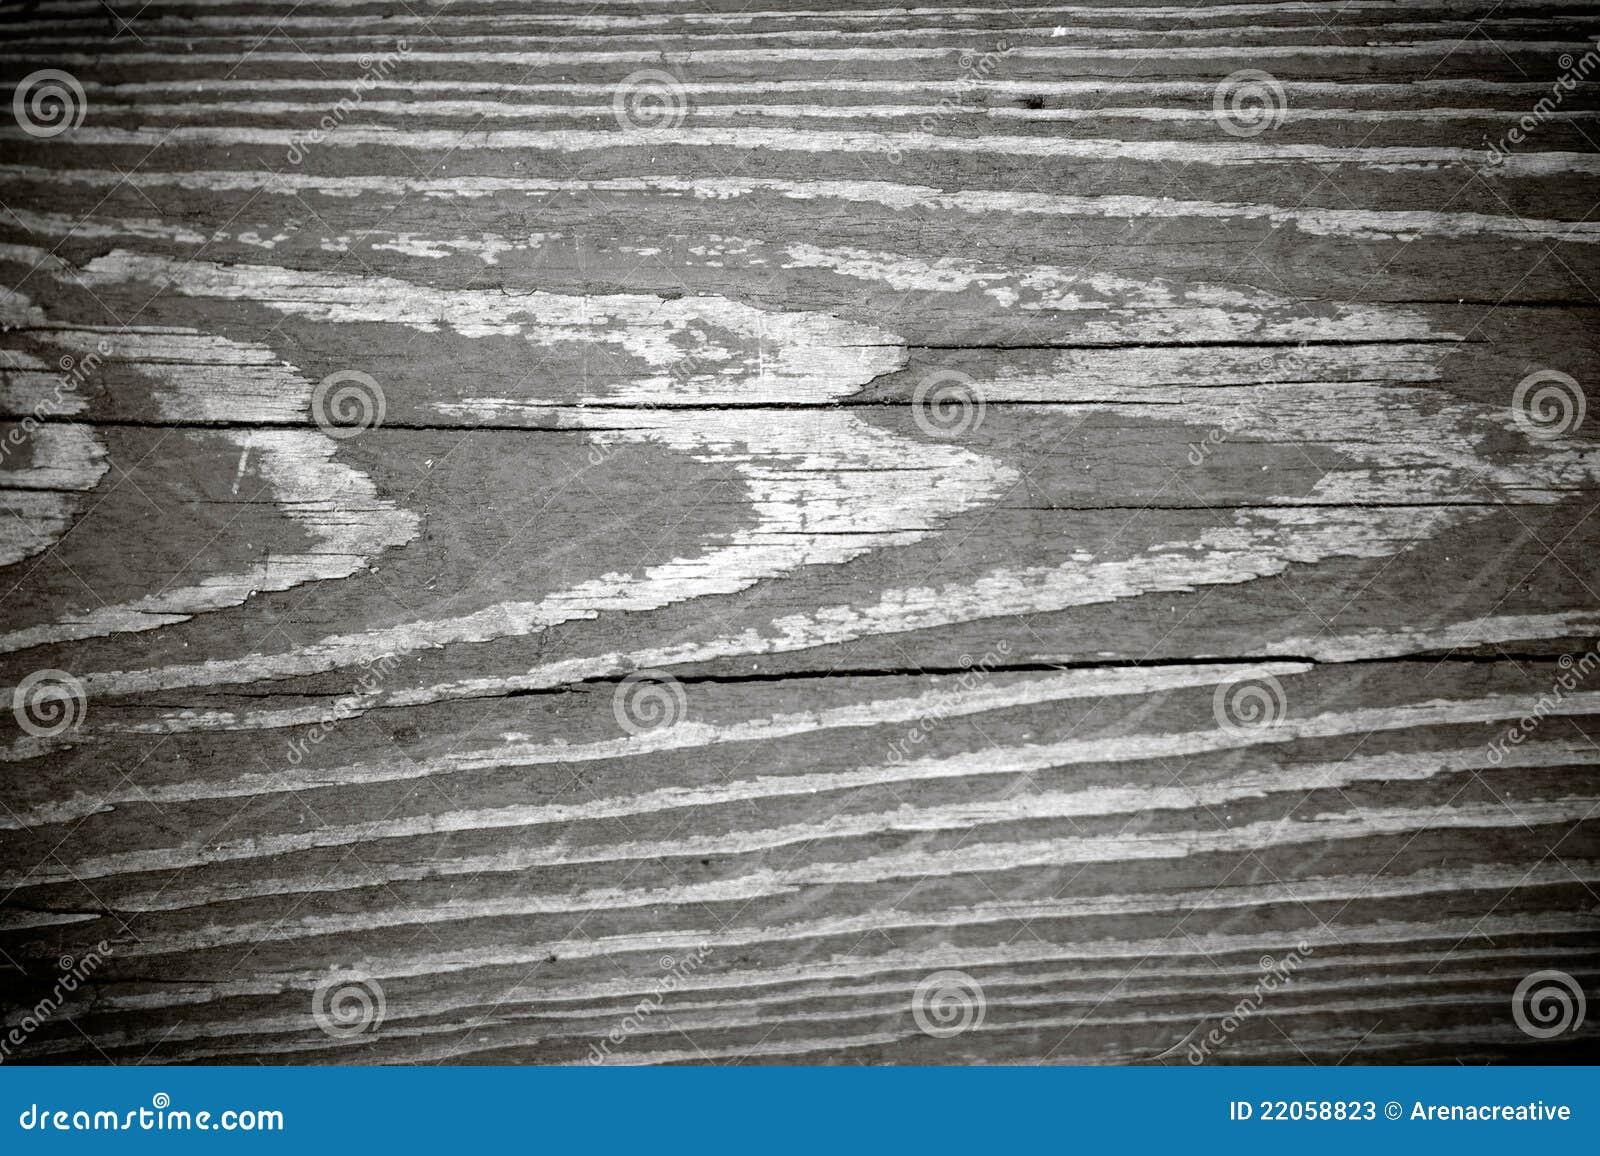 Legno Bianco E Nero : Struttura in bianco e nero della venatura del legno immagine stock